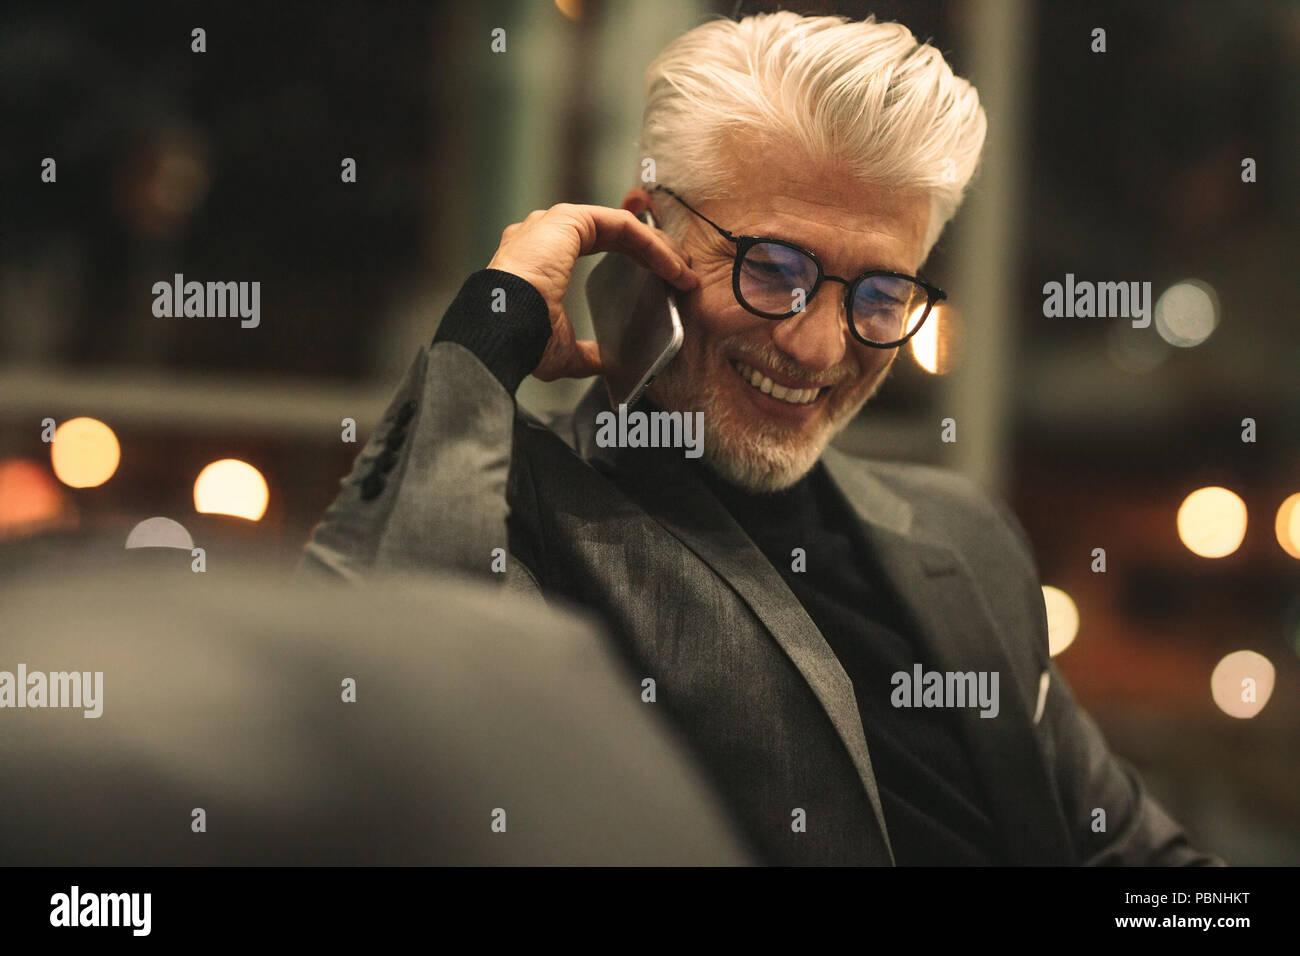 Ausgereifte Business Executive einen Anruf tätigen und ein Lächeln auf den Lippen. Kaukasische Mann mit Brille Gespräch am Handy im Büro. Stockbild